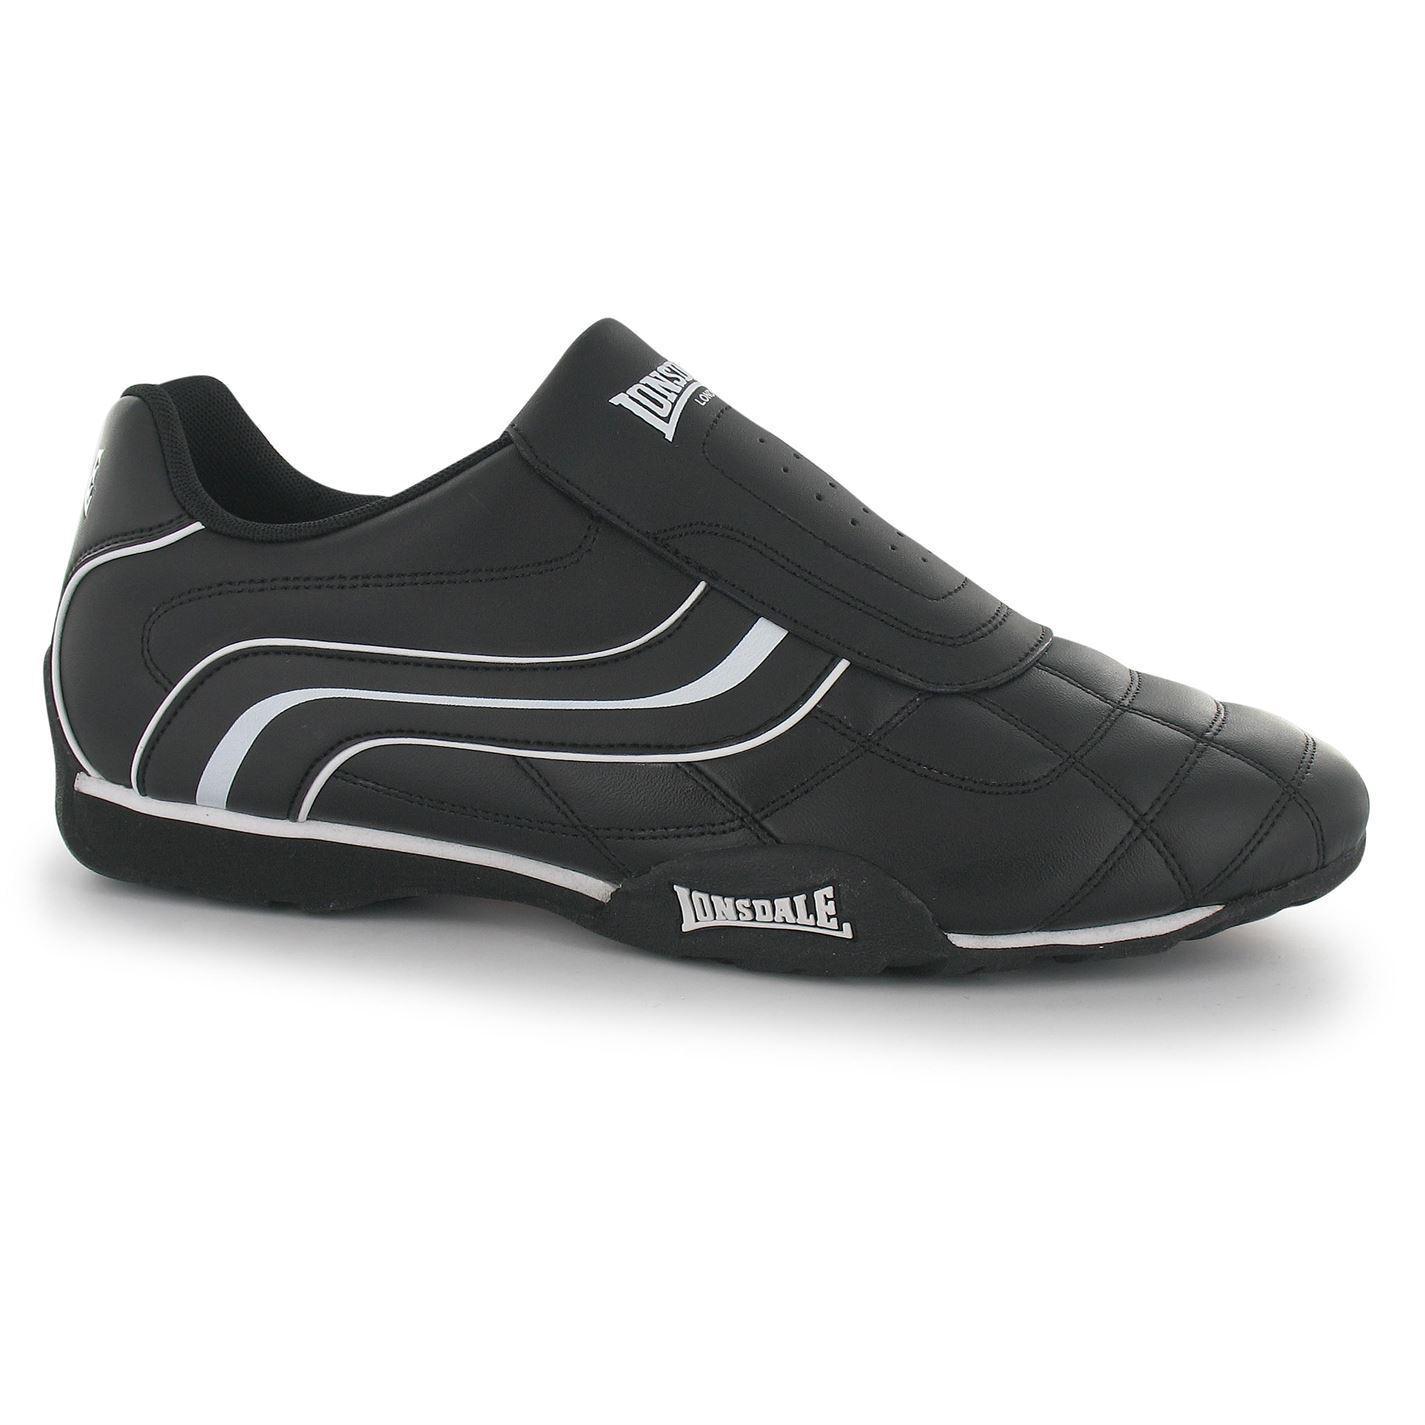 Lonsdale Camden Slip on  Trainers Mens nero  bianca Casual scarpe da ginnastica Scarpe Calzature  Sconto del 40%